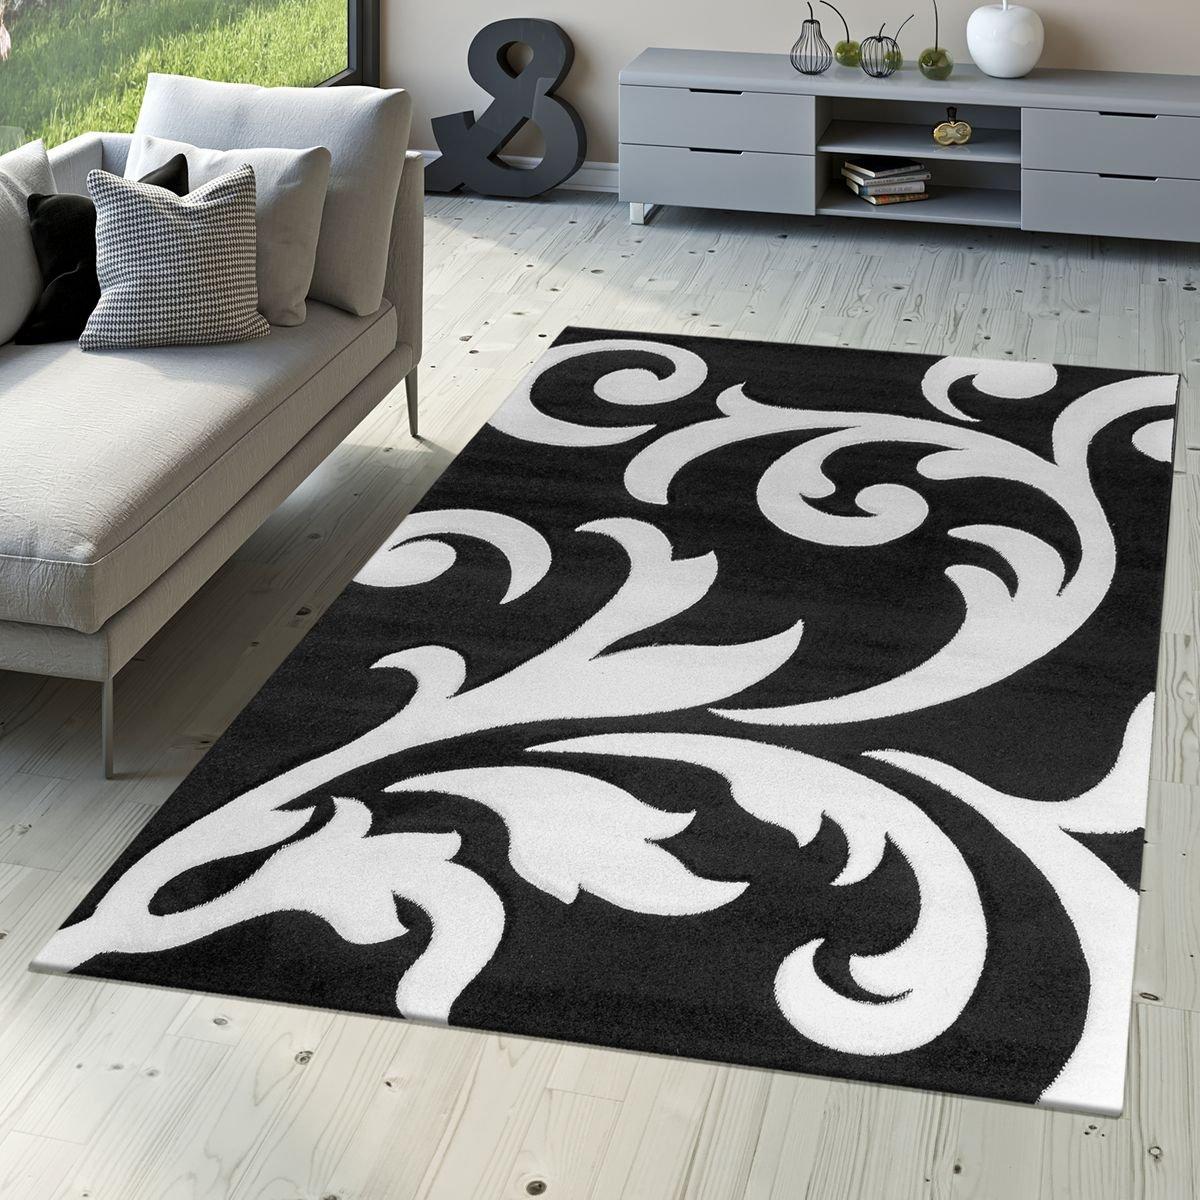 T&T Design Designer Teppich Wohnzimmerteppich Levante Modern mit Floral Muster Weiß Schwarz, Größe 200x290 cm